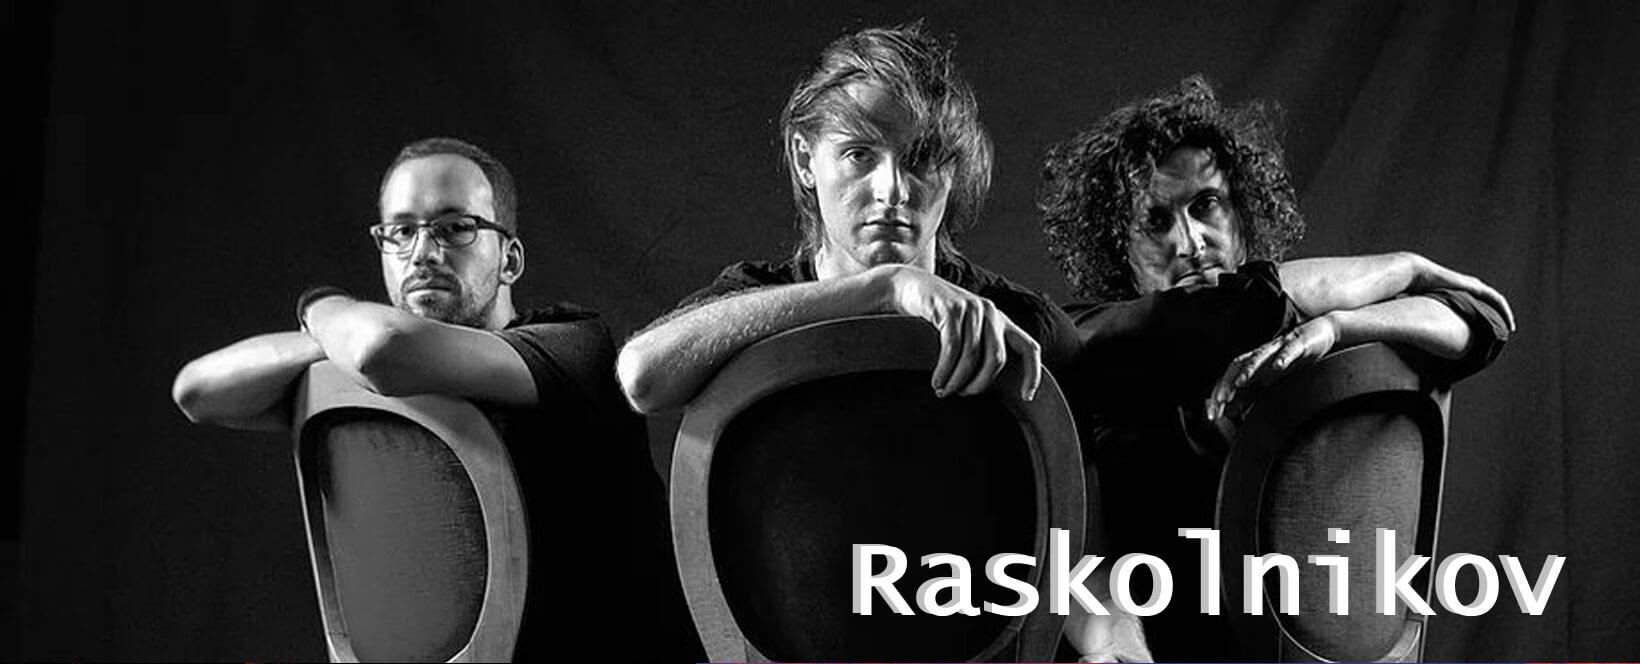 BC-367-Album - RASKOLNIKOV - Radio Galaxie 98.5FM